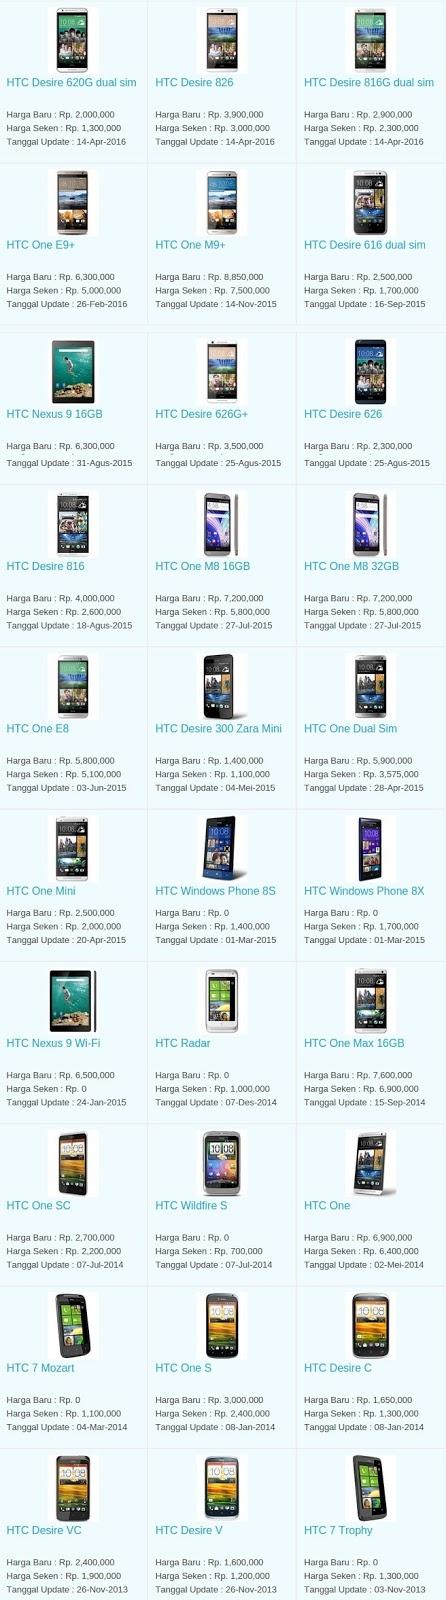 Daftar Harga Hp Terbaru HTC Mei 2016